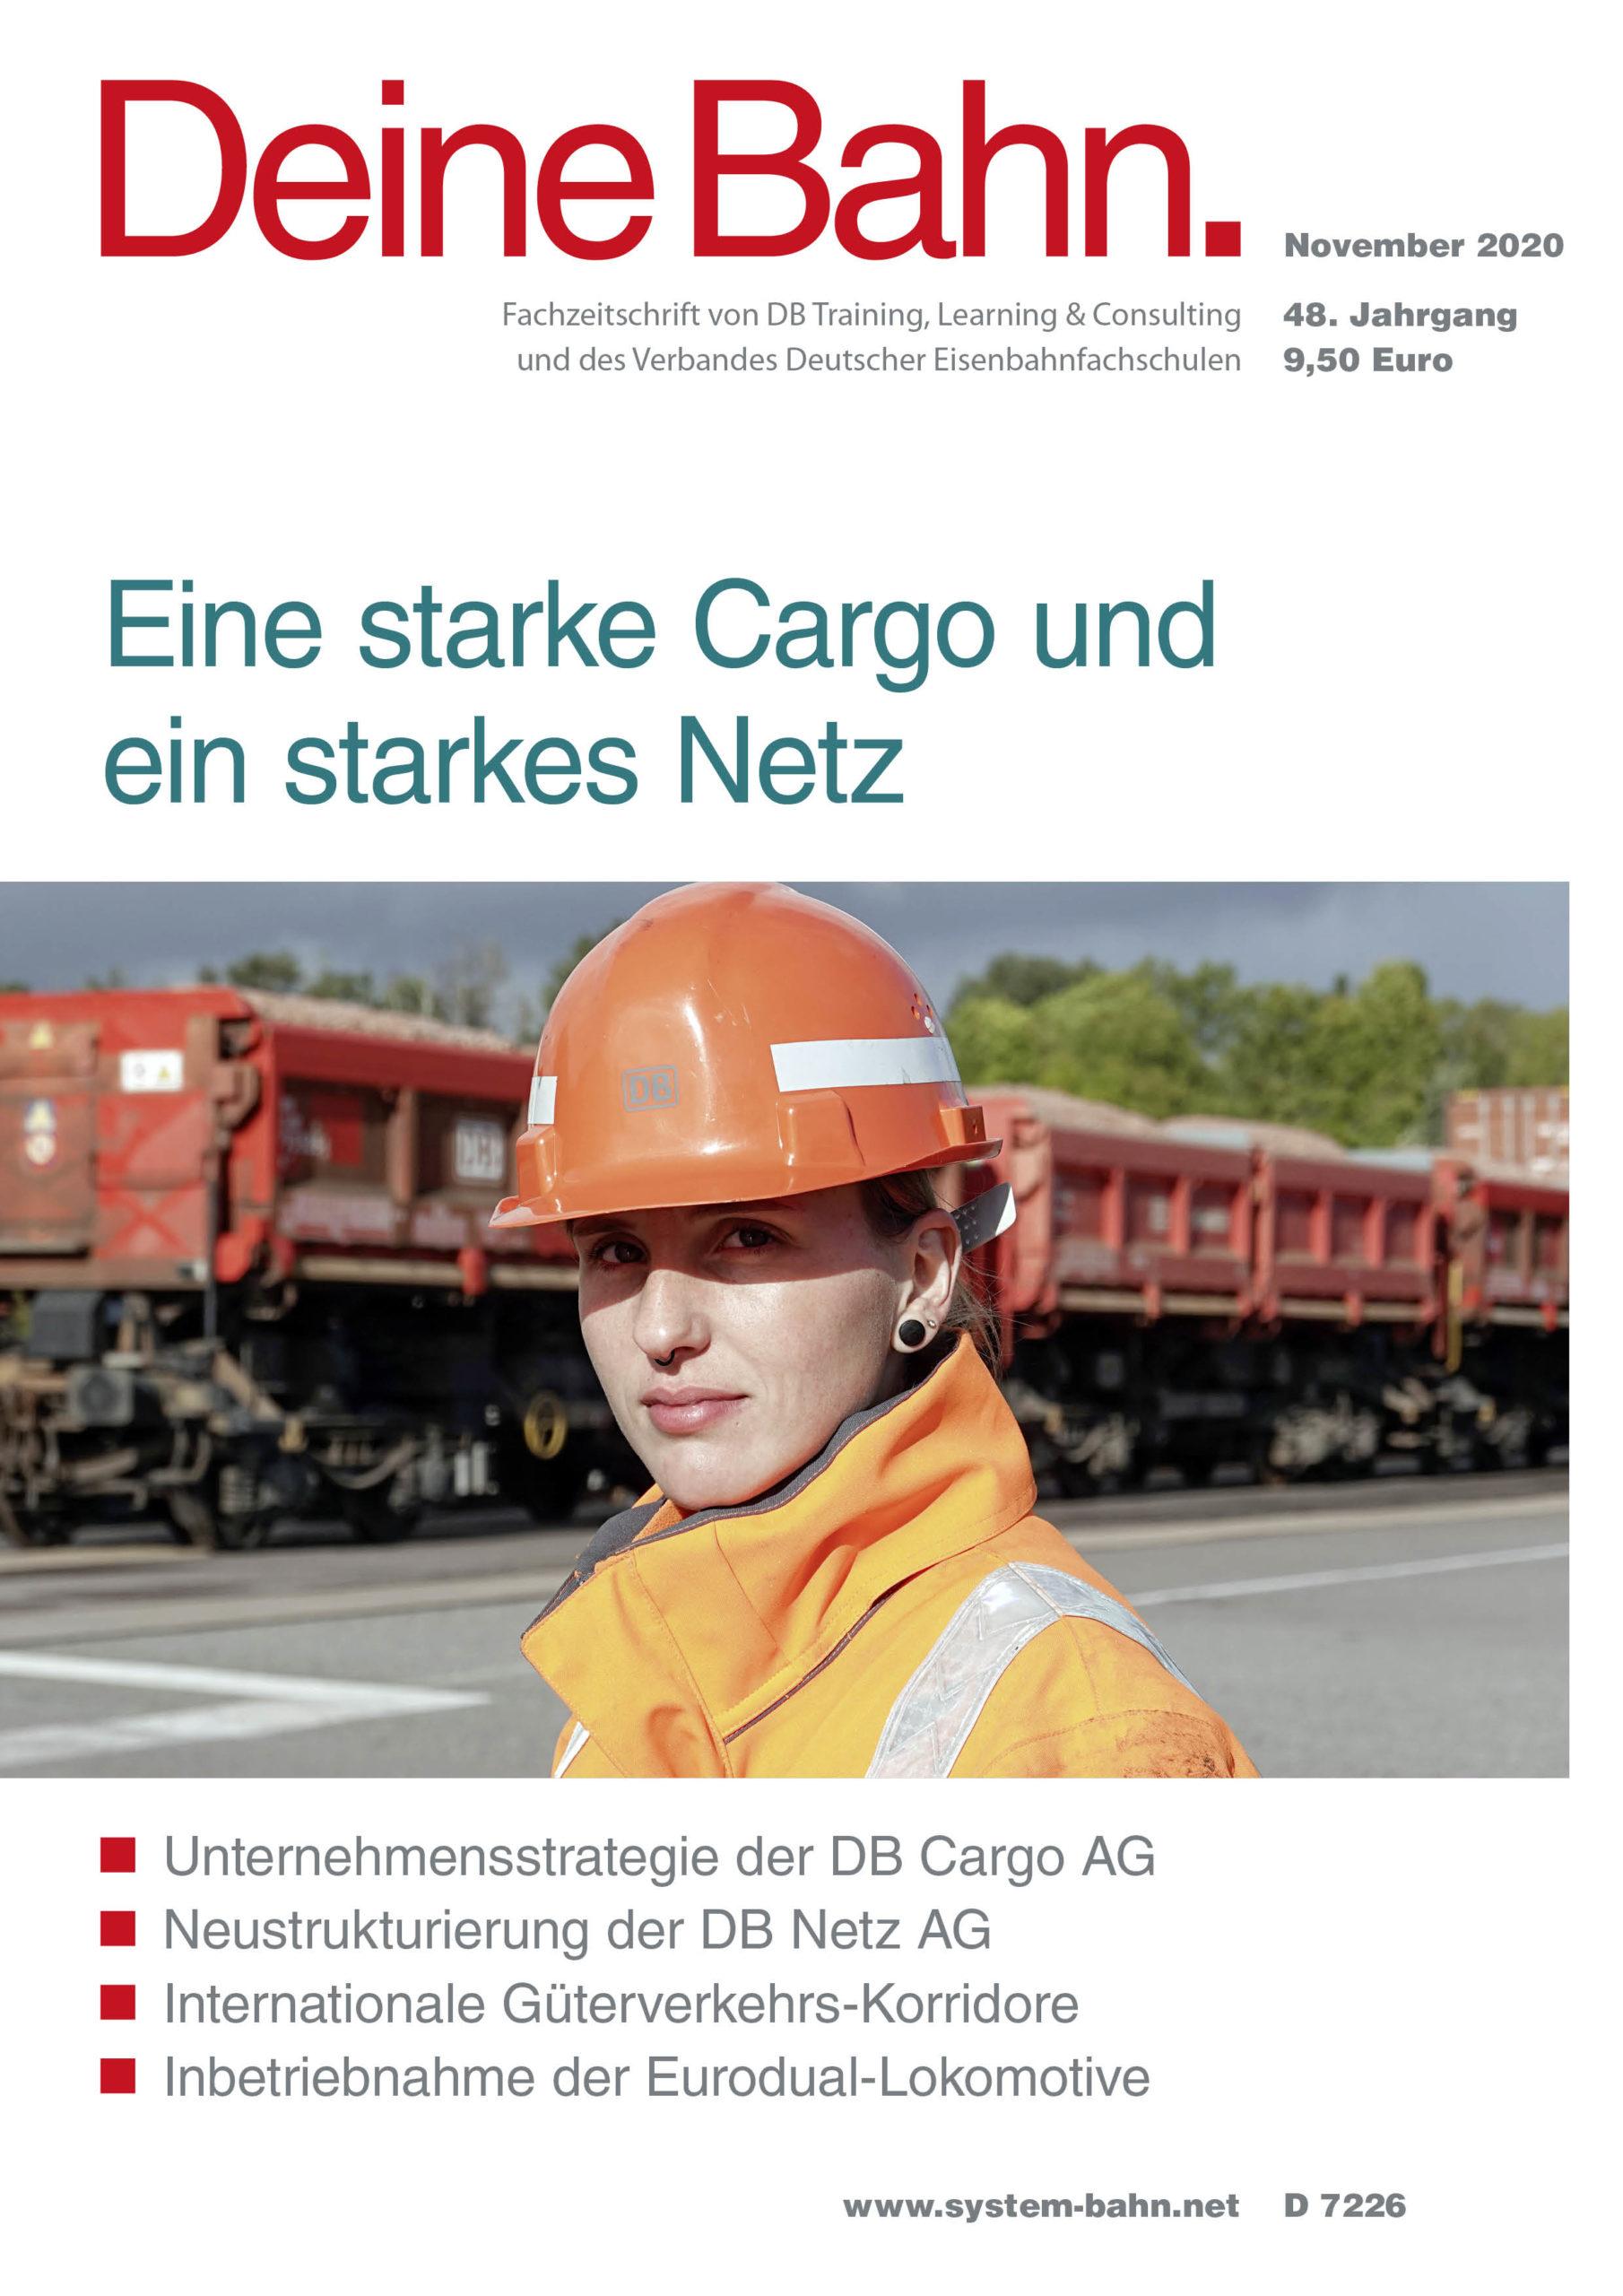 Umschlagmotiv Fachzeitschrift Deine Bahn November 2020